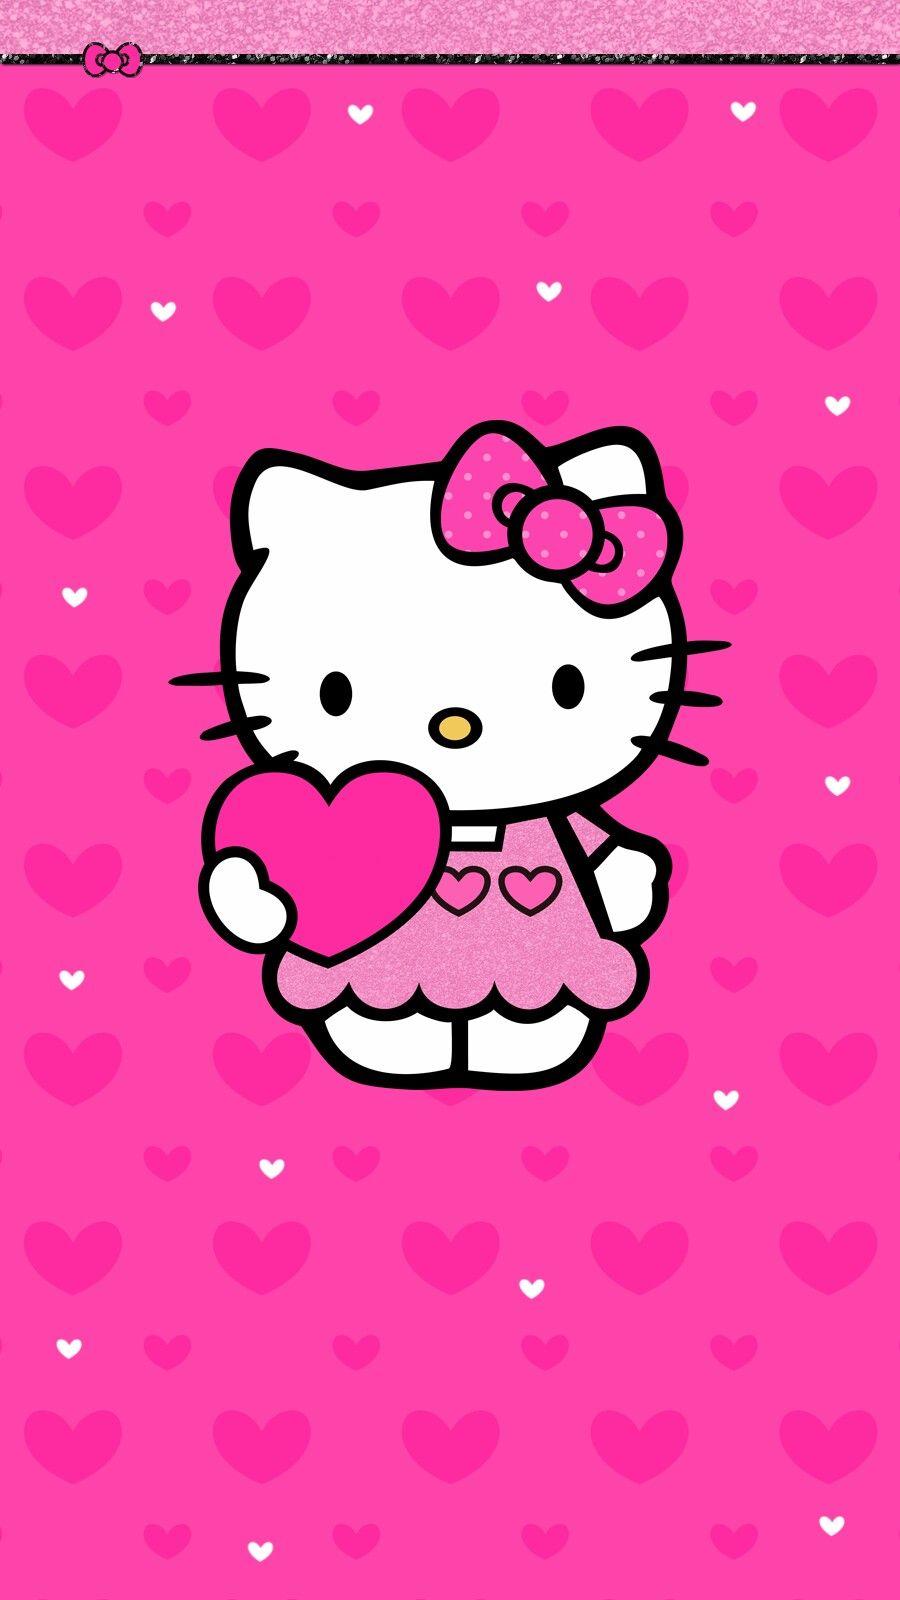 Digitalcutewalls Hello Kitty Images Hello Kitty Pictures Hello Kitty Wallpaper